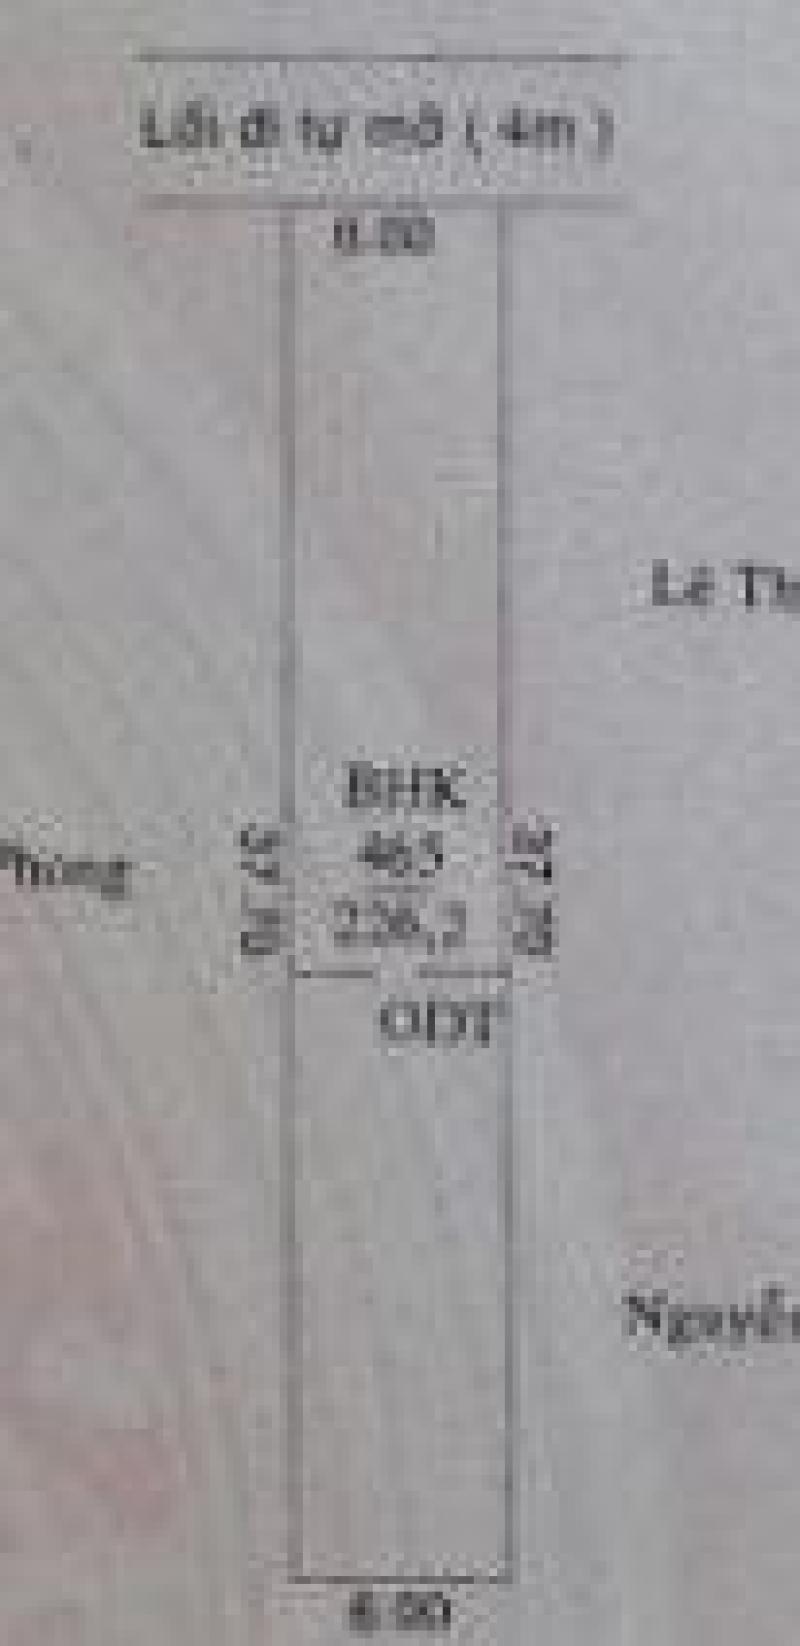 ĐẤT ĐẦU TƯ 6 x 37 THỔ CƯ 100 MÉT ĐƯỜNG 4,5 MÉT